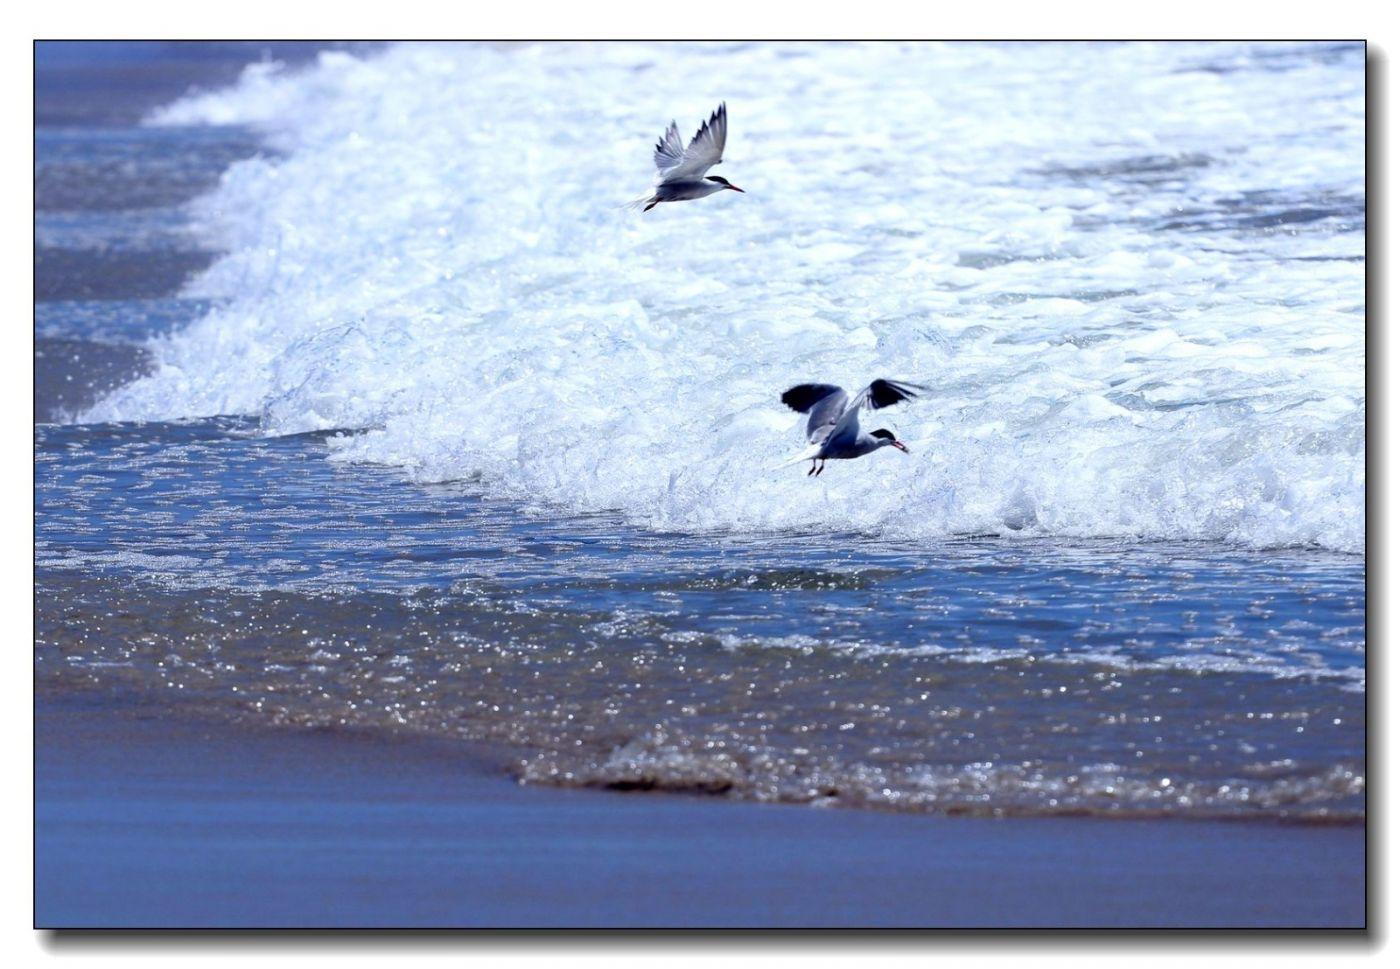 洛克威海滩拍鸟-燕鸥_图1-9